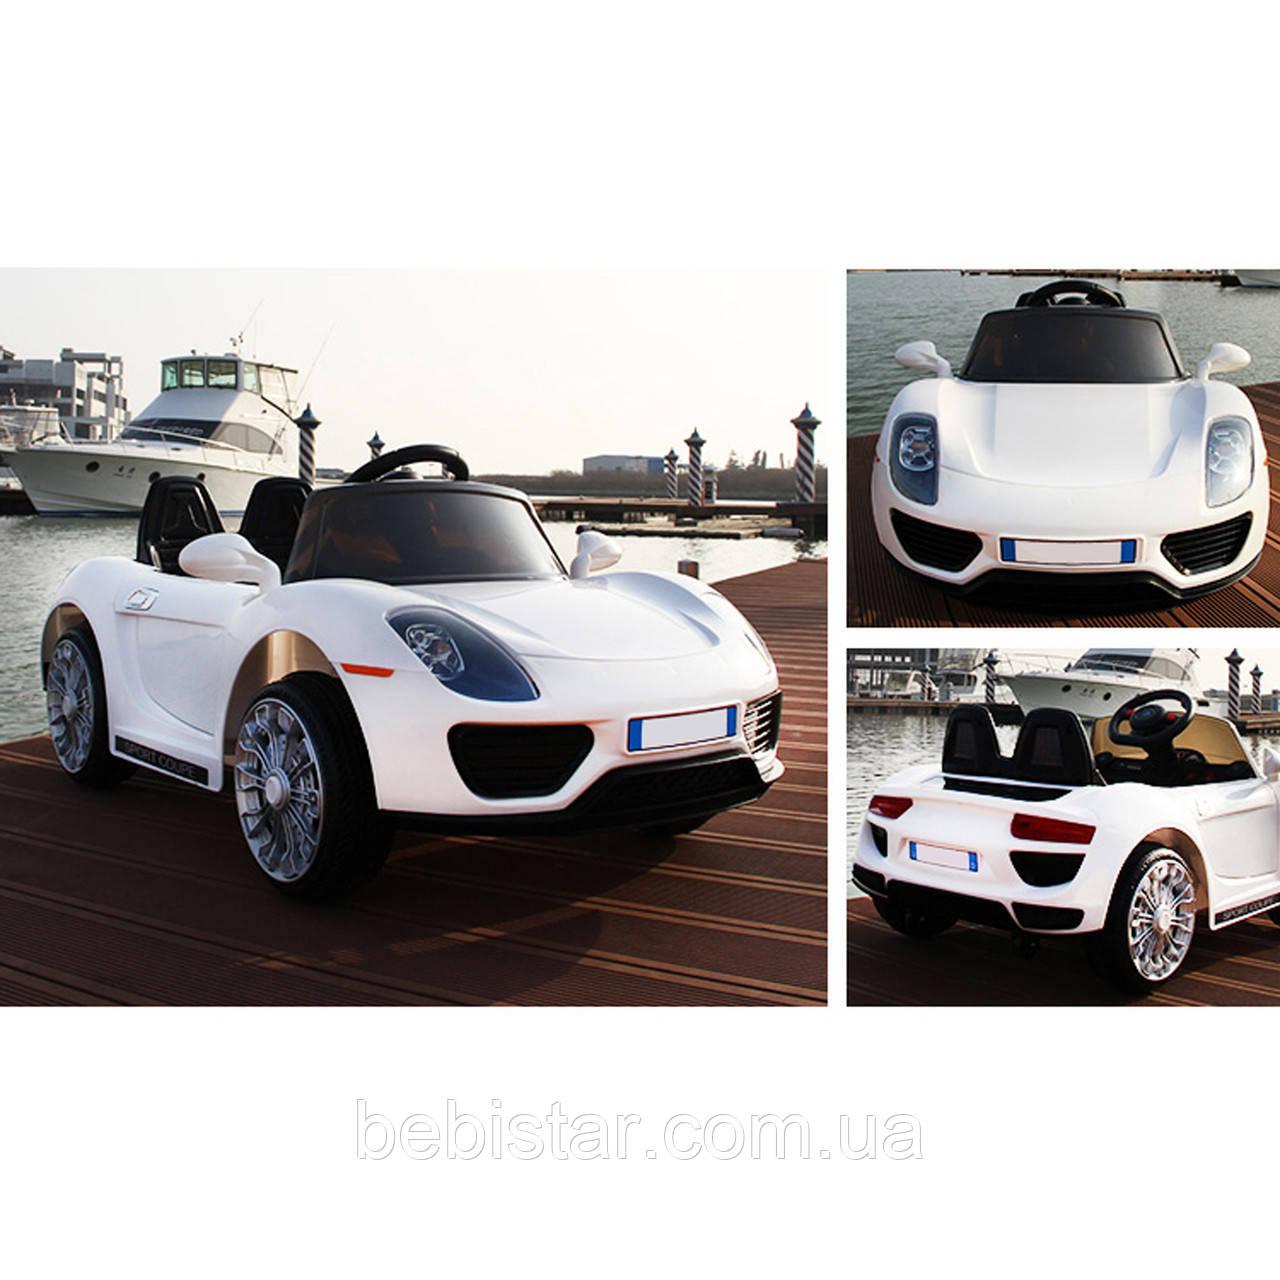 Электромобиль спорткар белый на резиновых колесах для деток 3-8 лет с пультом аккумулятор 12V4.5AH с MP3